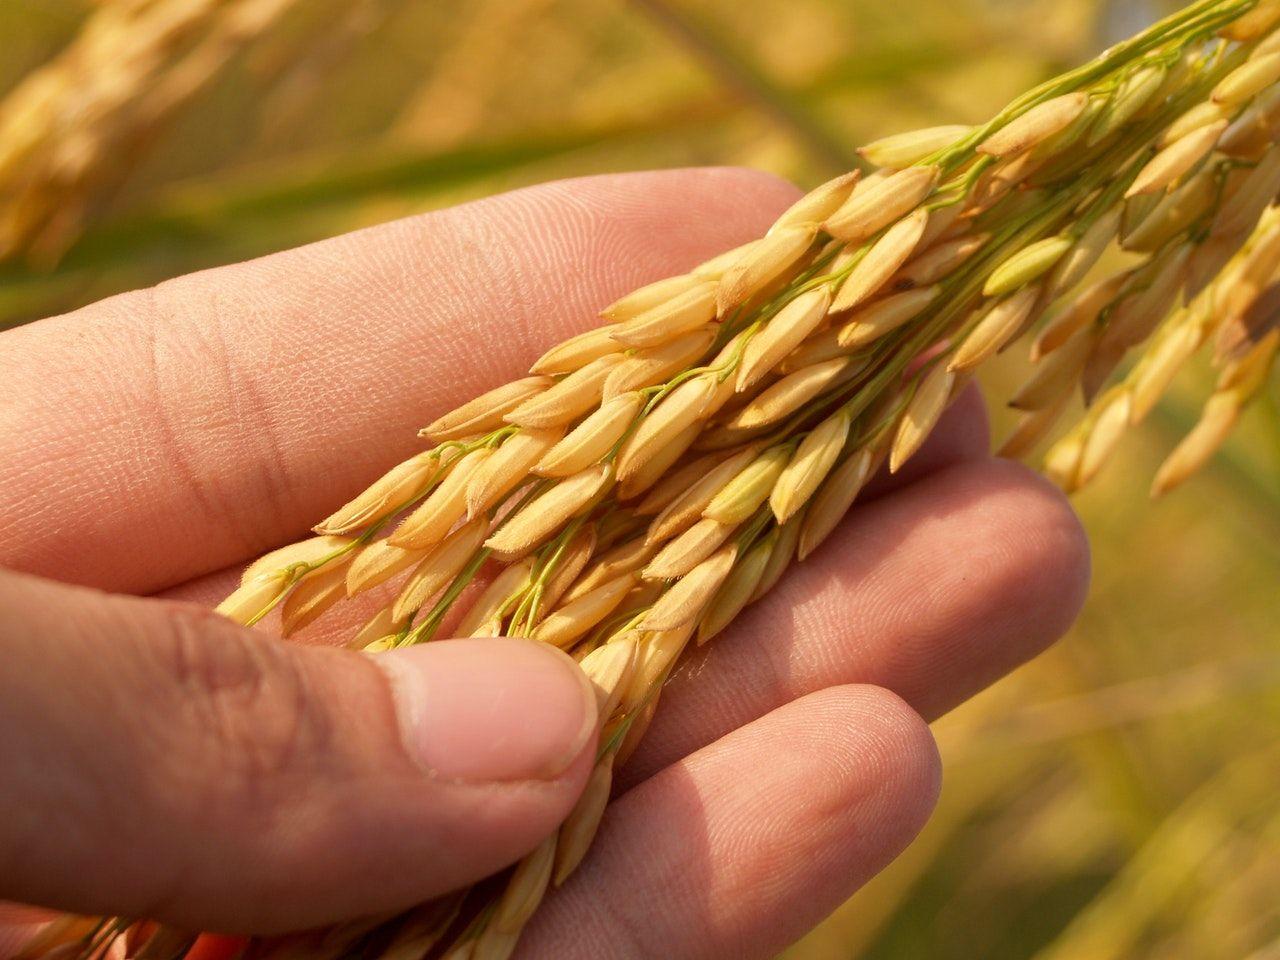 19 มิ.ย. เงินเยียวยาเกษตรกร โอนแล้วกว่า 3 ล้านราย บางคนทบ 10,000 | Tadoo